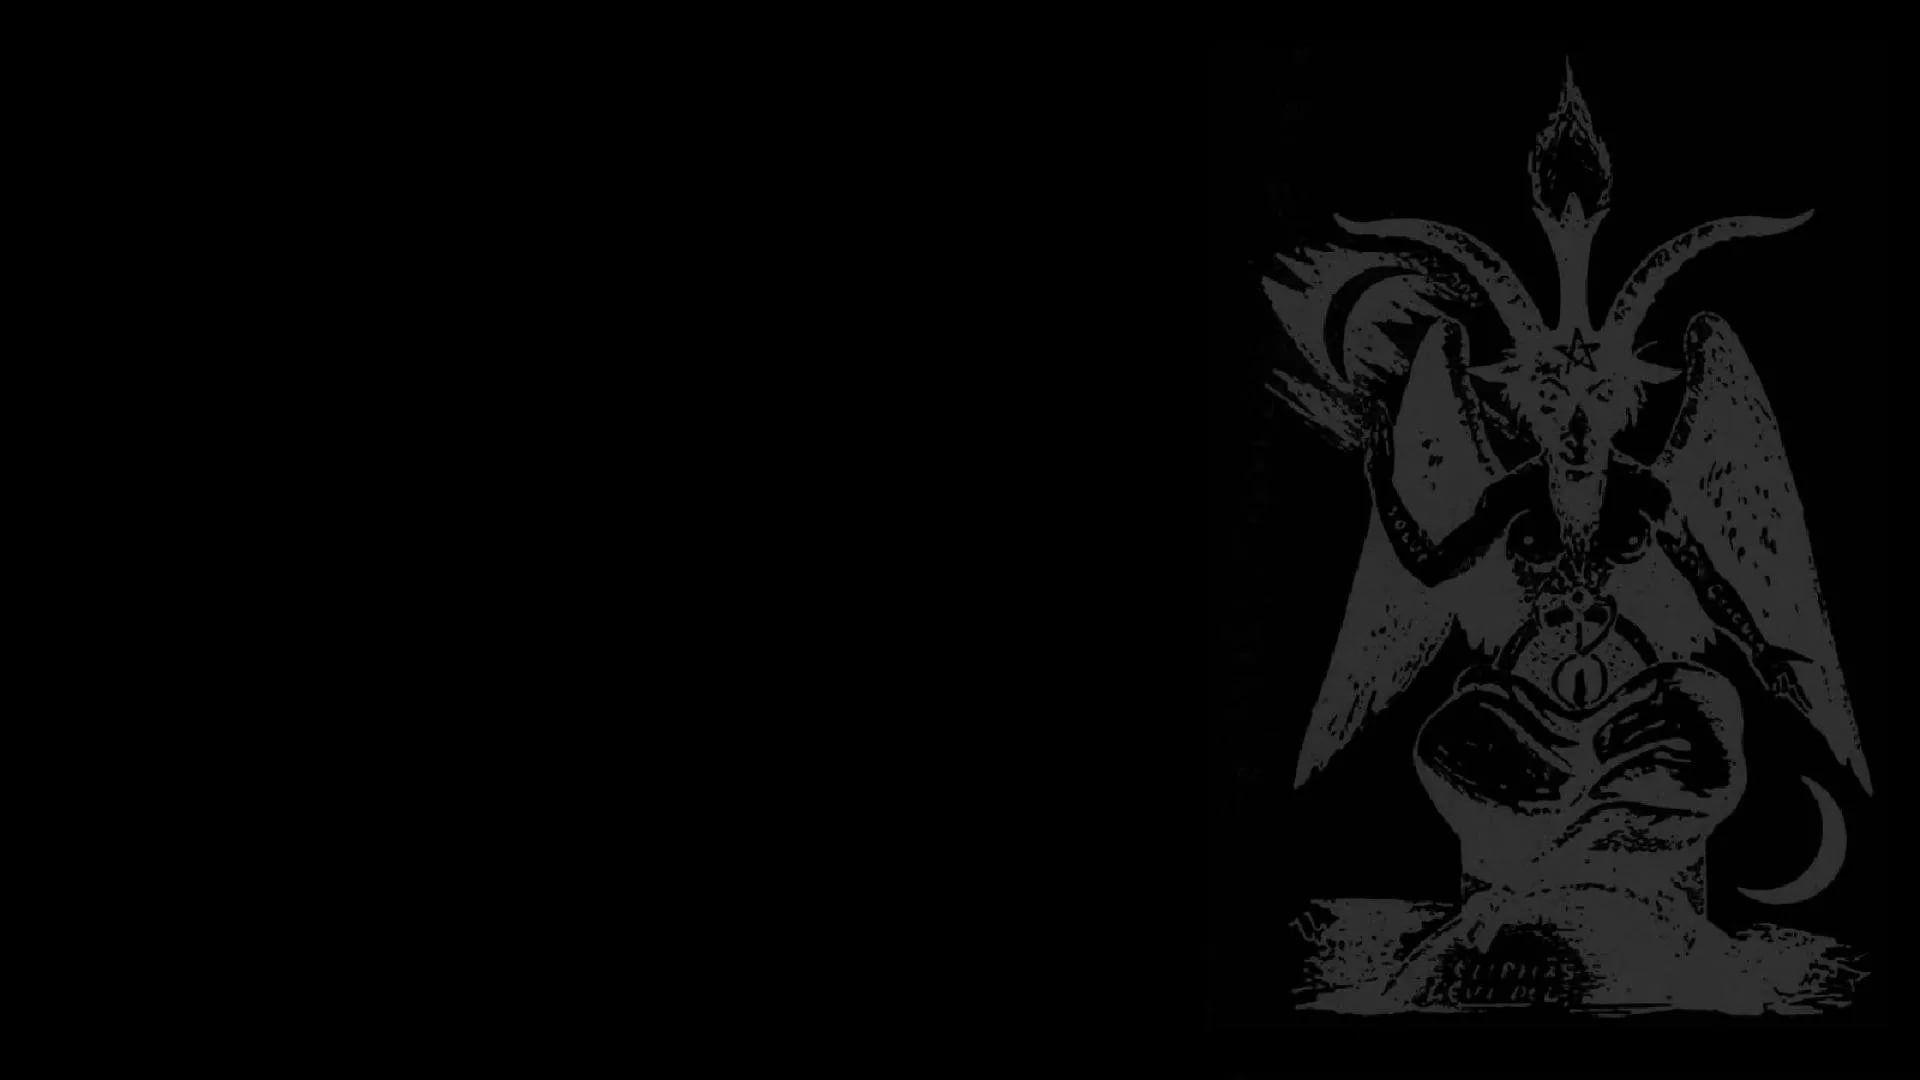 Satanic Wallpaper Picture